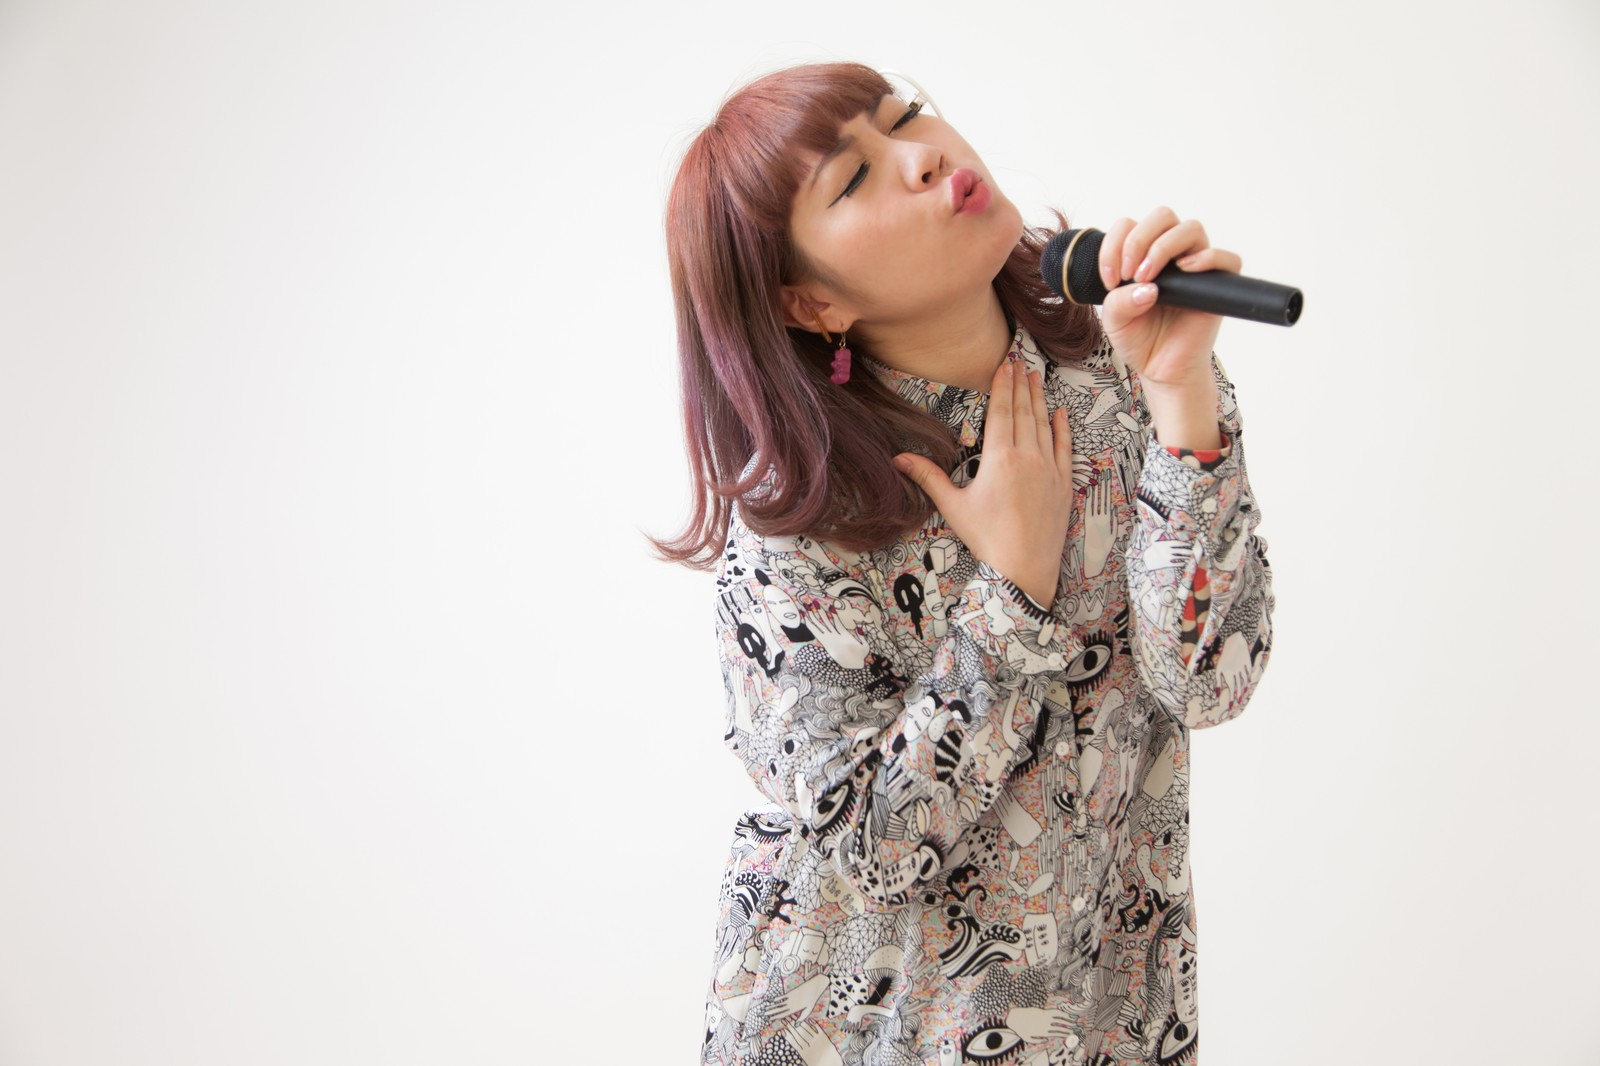 【カラオケ】女だけど低音を拡げたい!!lowGまで出せるようになりたい!!